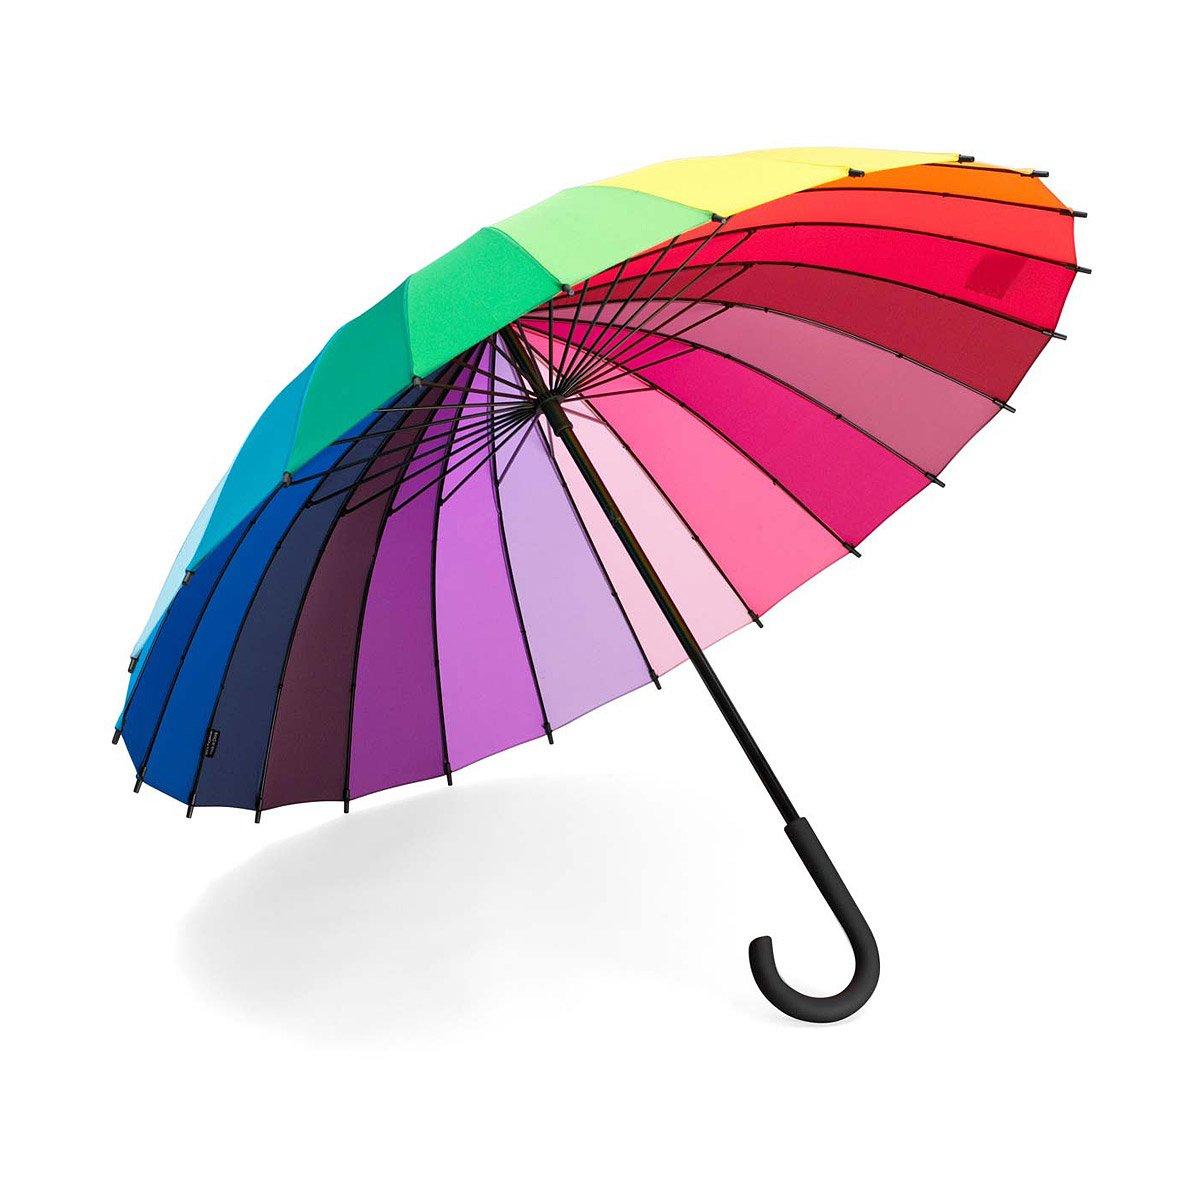 a rainbow umbrella